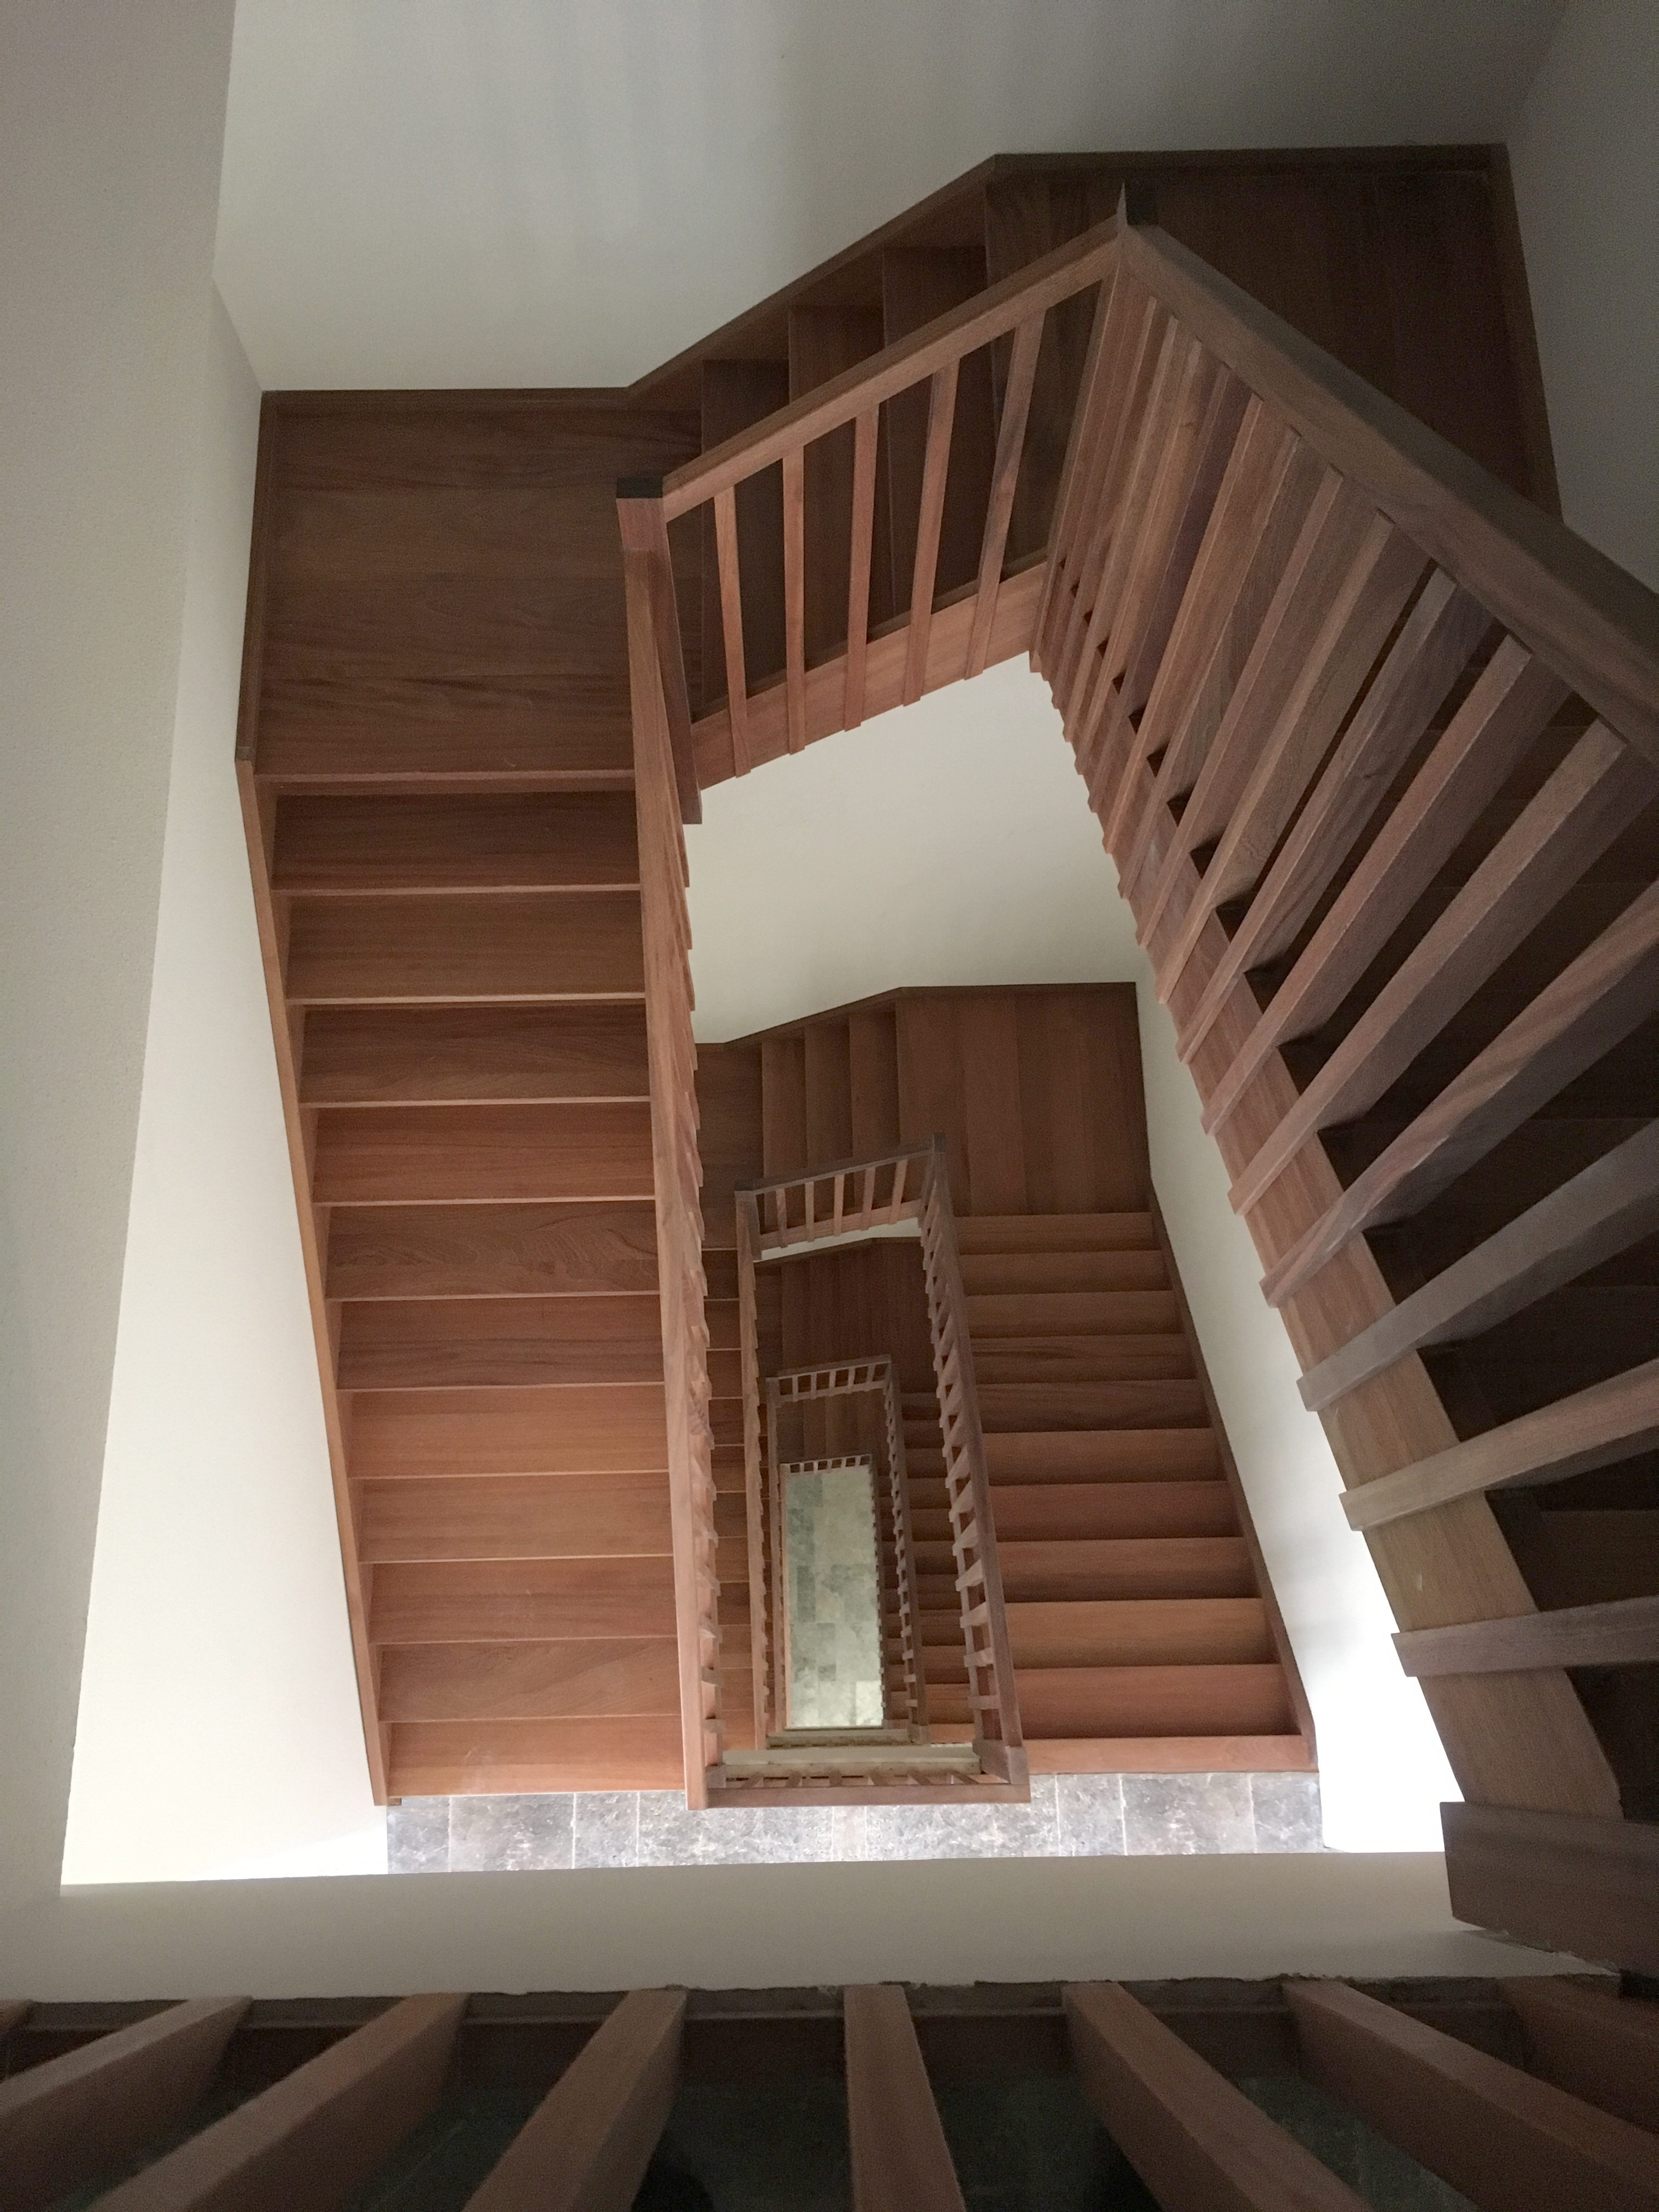 <p>Nieuw trappenhuis. Beeld: JSA</p>